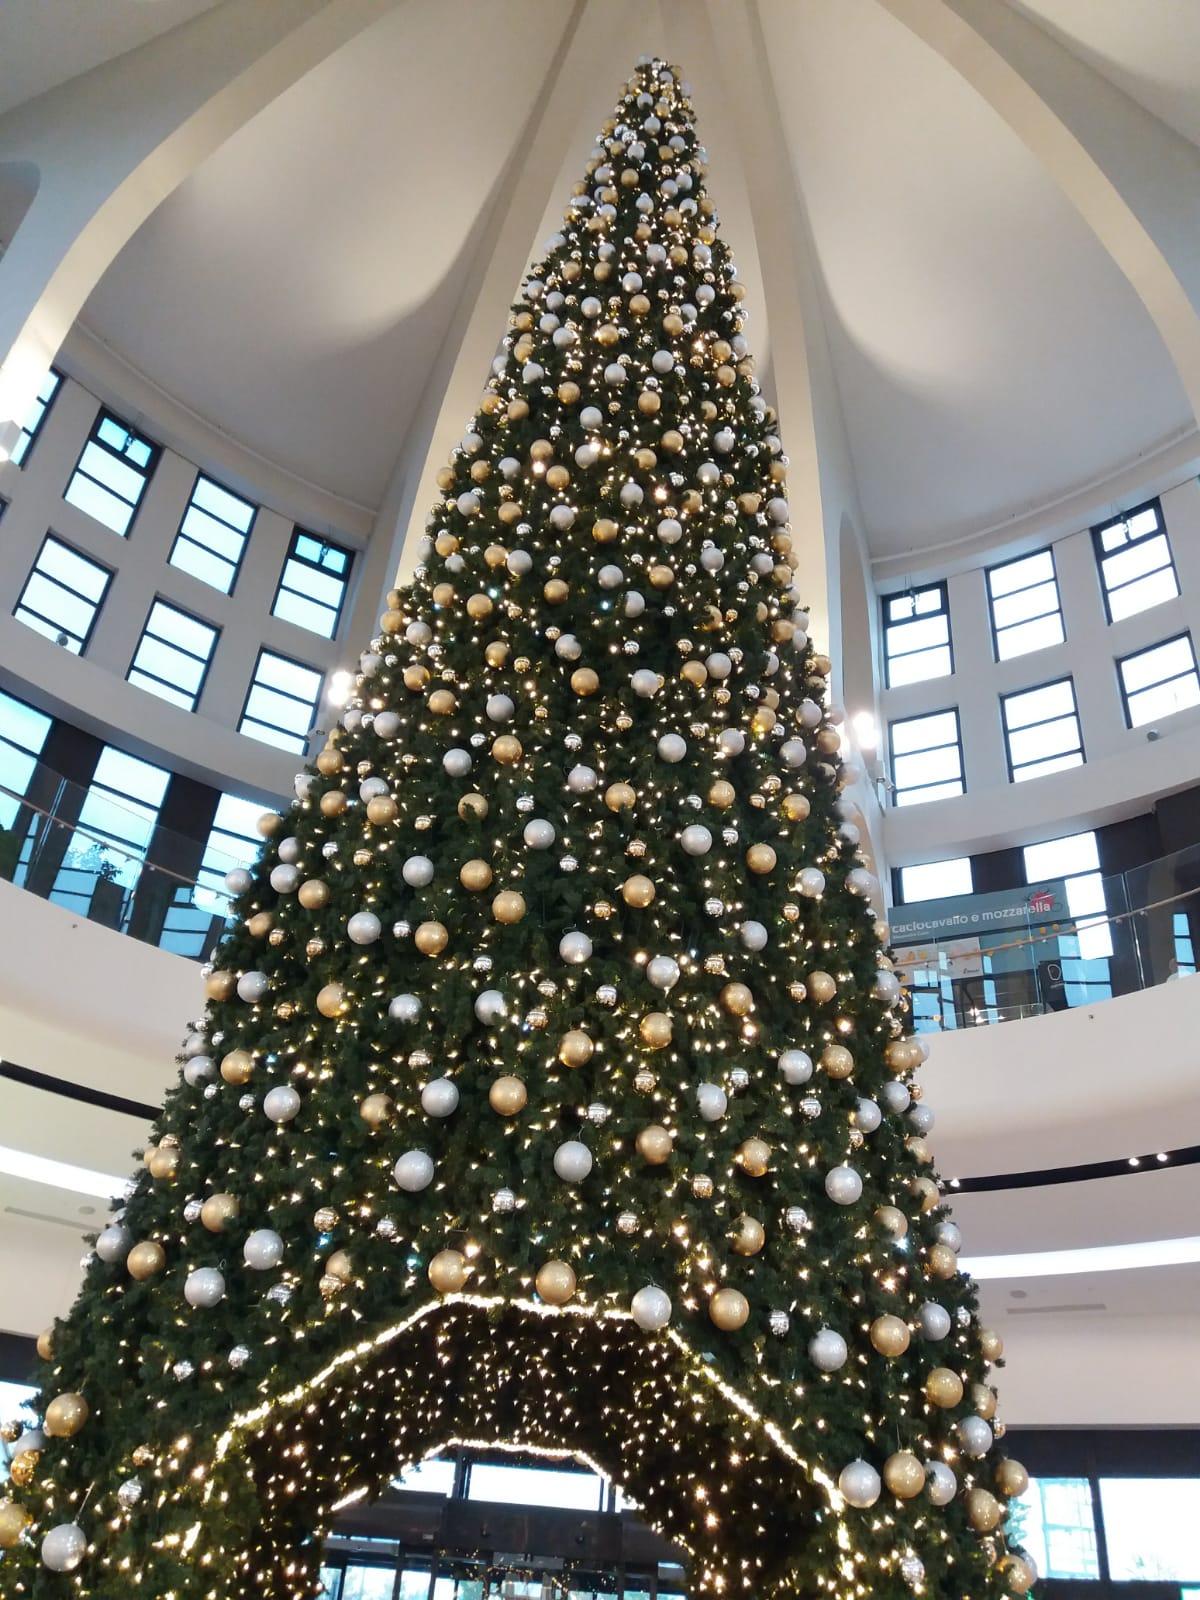 Albero Di Natale Zecchino Doro.Natale Ai Gigli Con L Albero Alto 16 Metri Piana Notizie